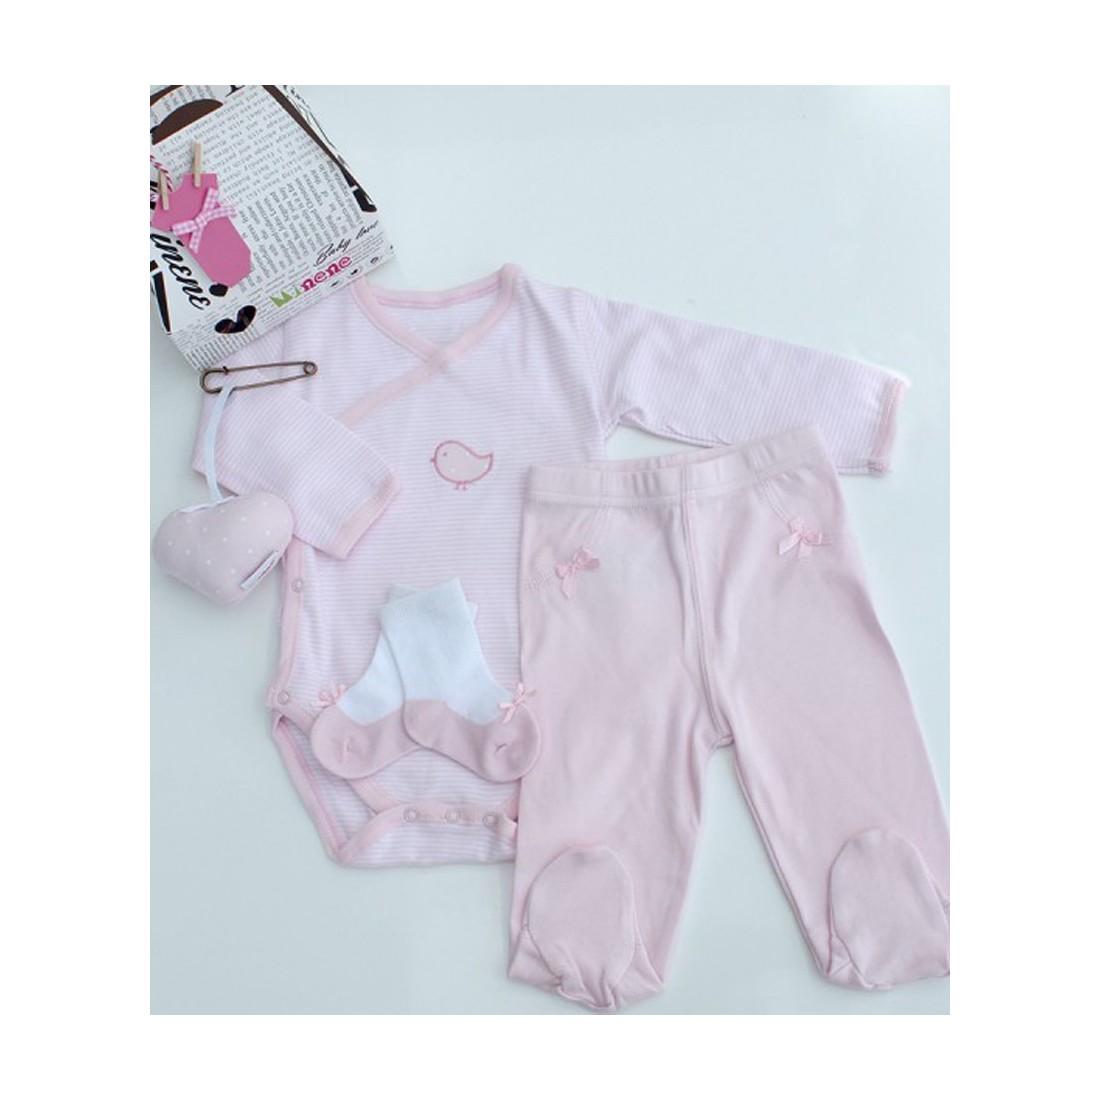 c00555e9dfa2b Coffret cadeau de naissance bébé fille